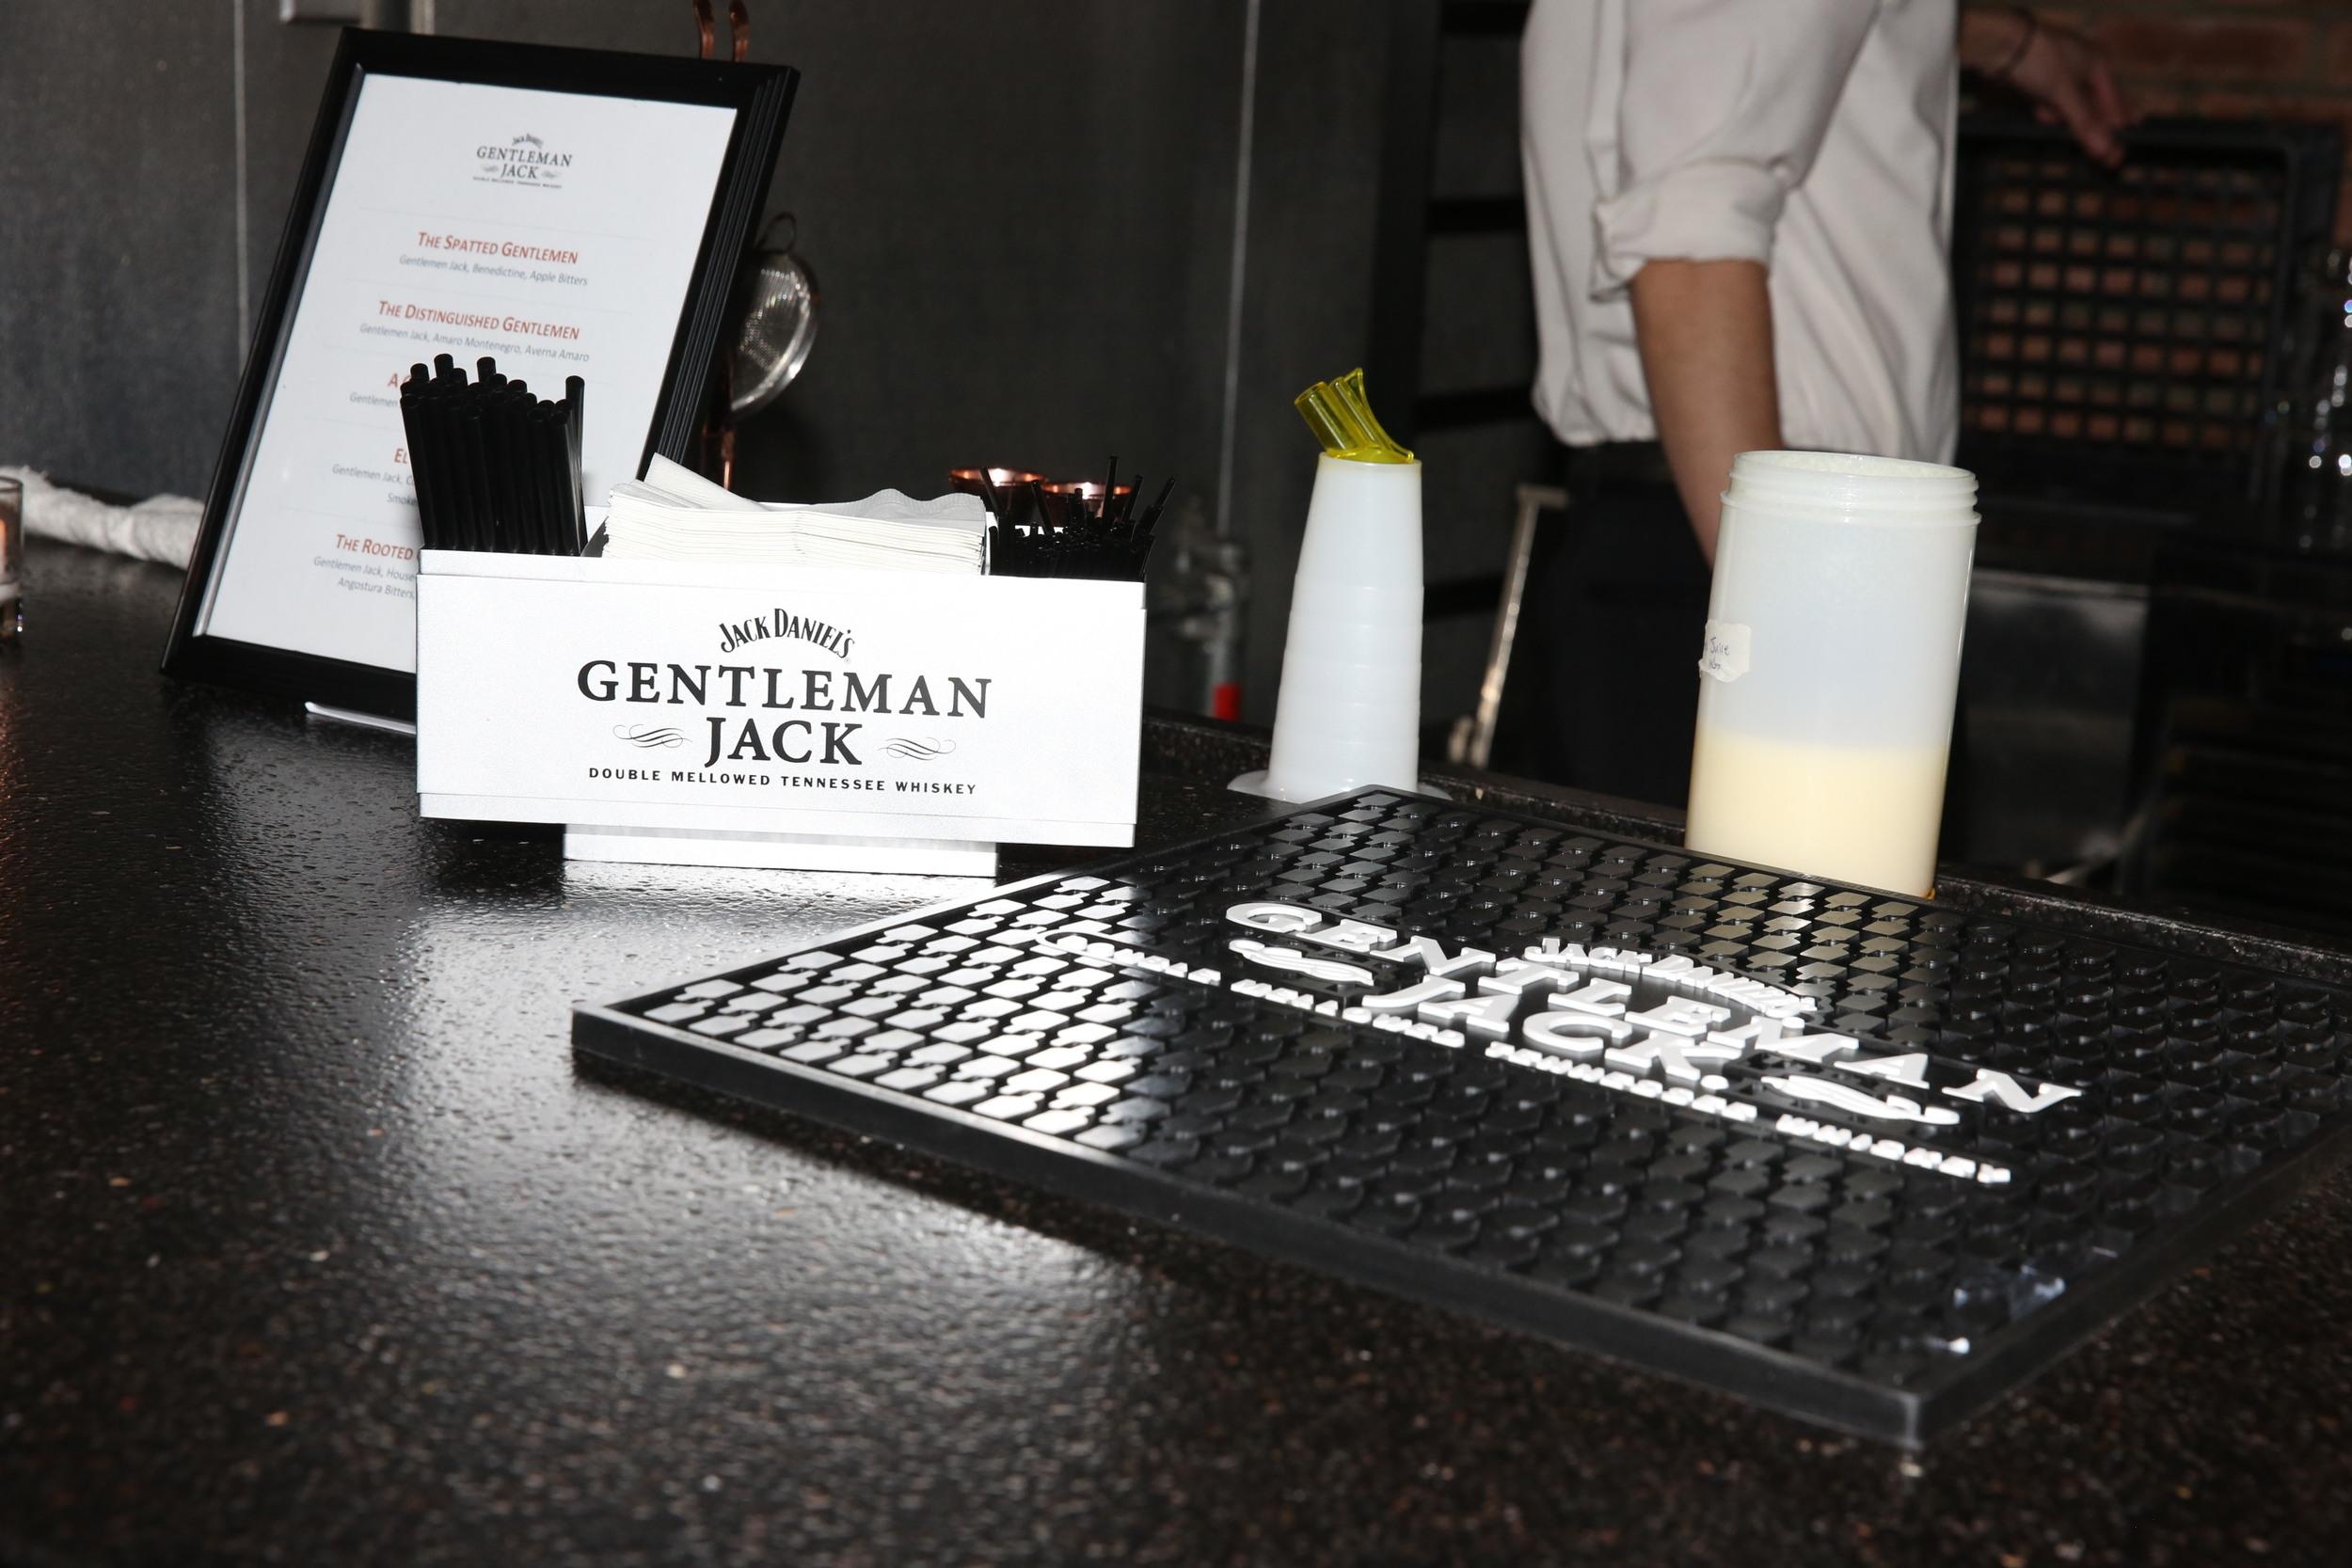 Gentleman Jack Hour of Gentlemen 31.JPG